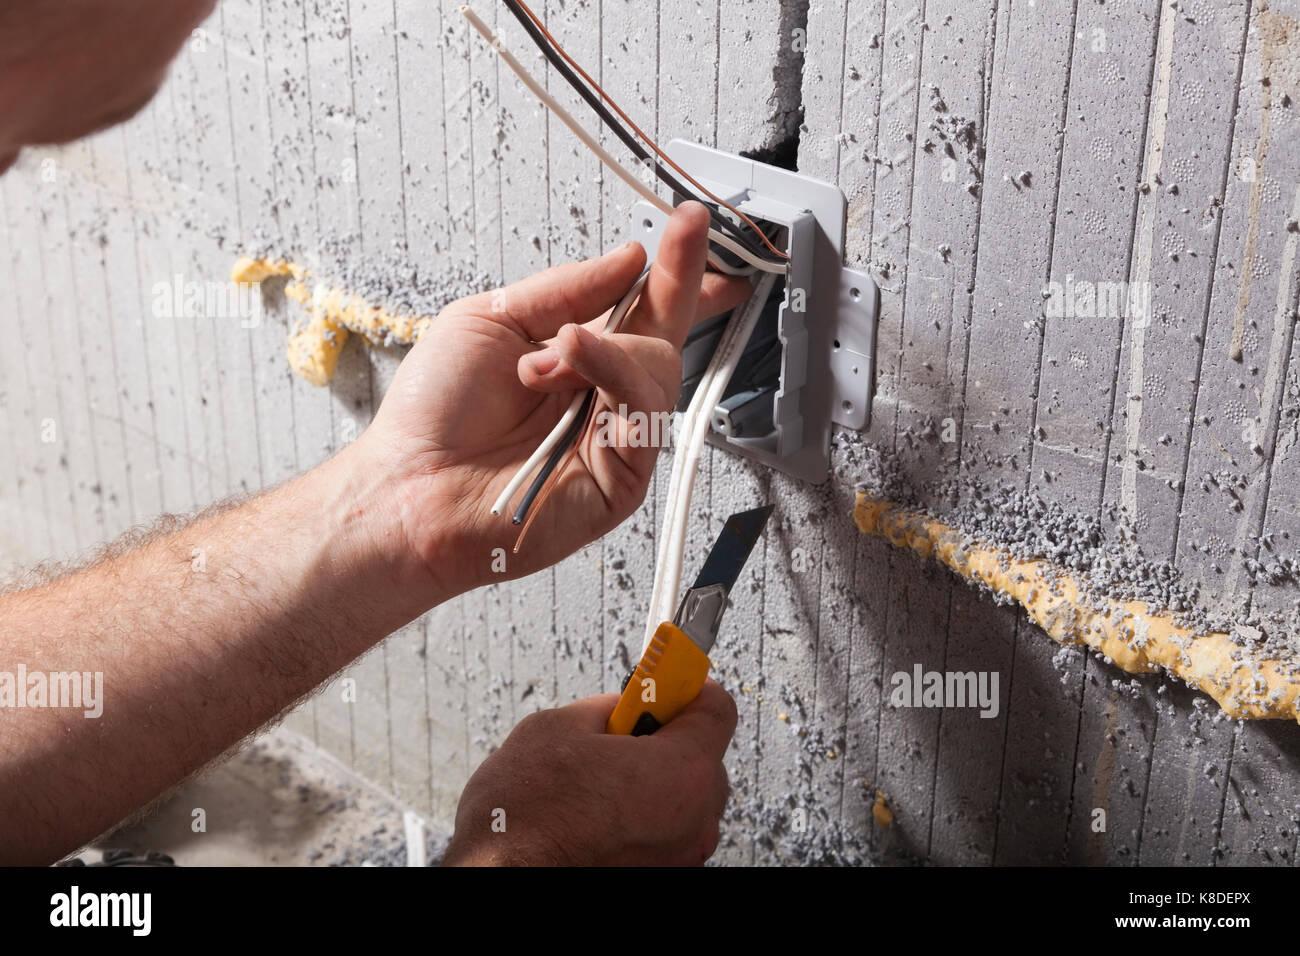 Ein Elektriker installieren einer elektrischen Utility Box in isolierten konkrete Form in Ontario, Kanada. Stockbild